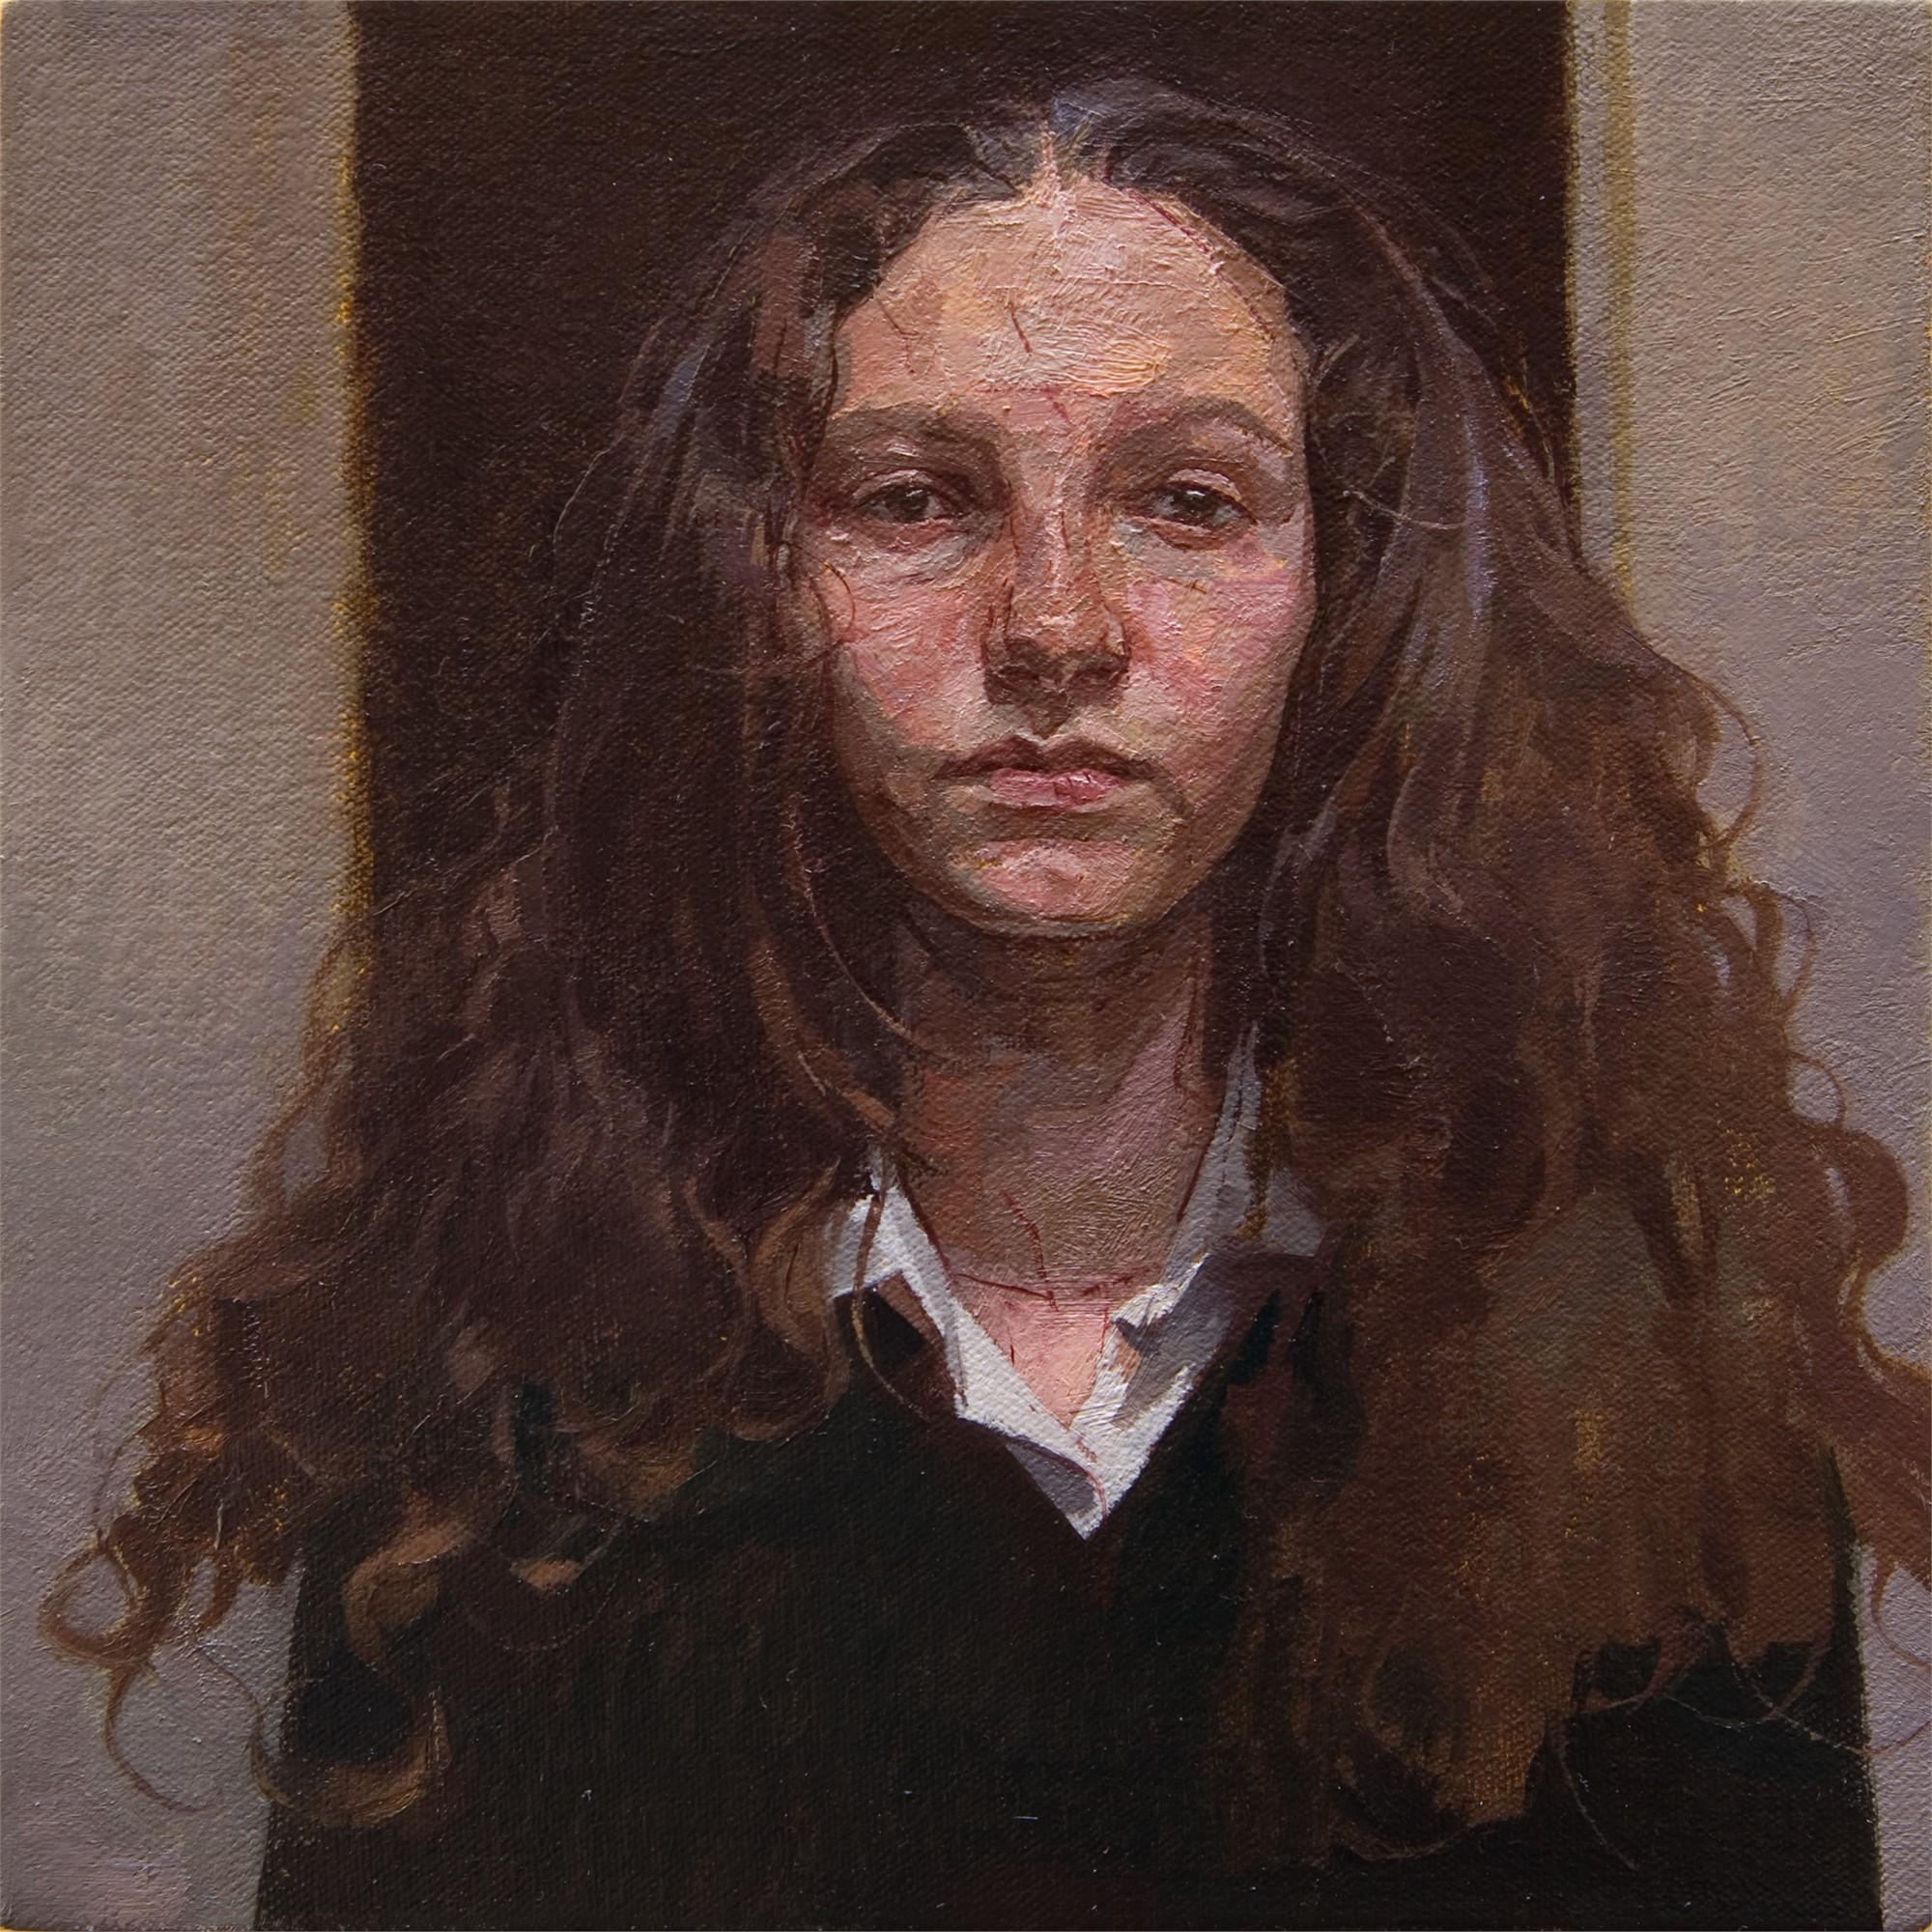 Cristina by Nicolas Uribe